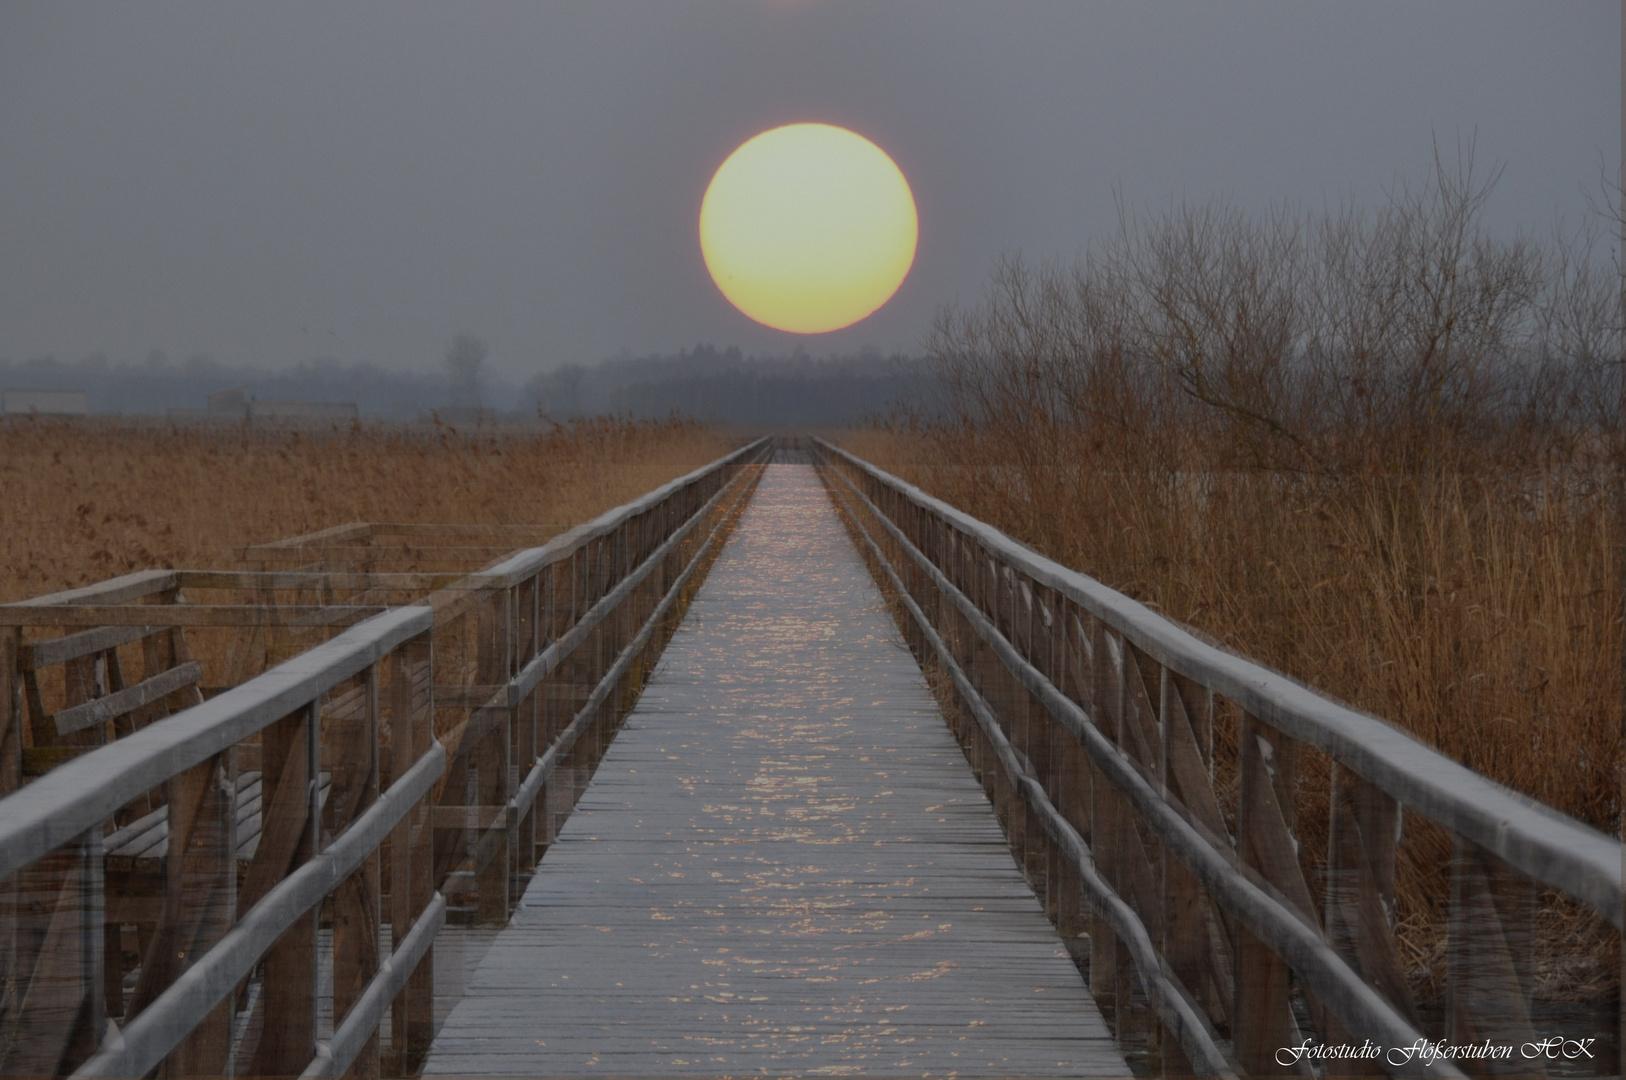 Sonnenaufgang am Ende des Steges